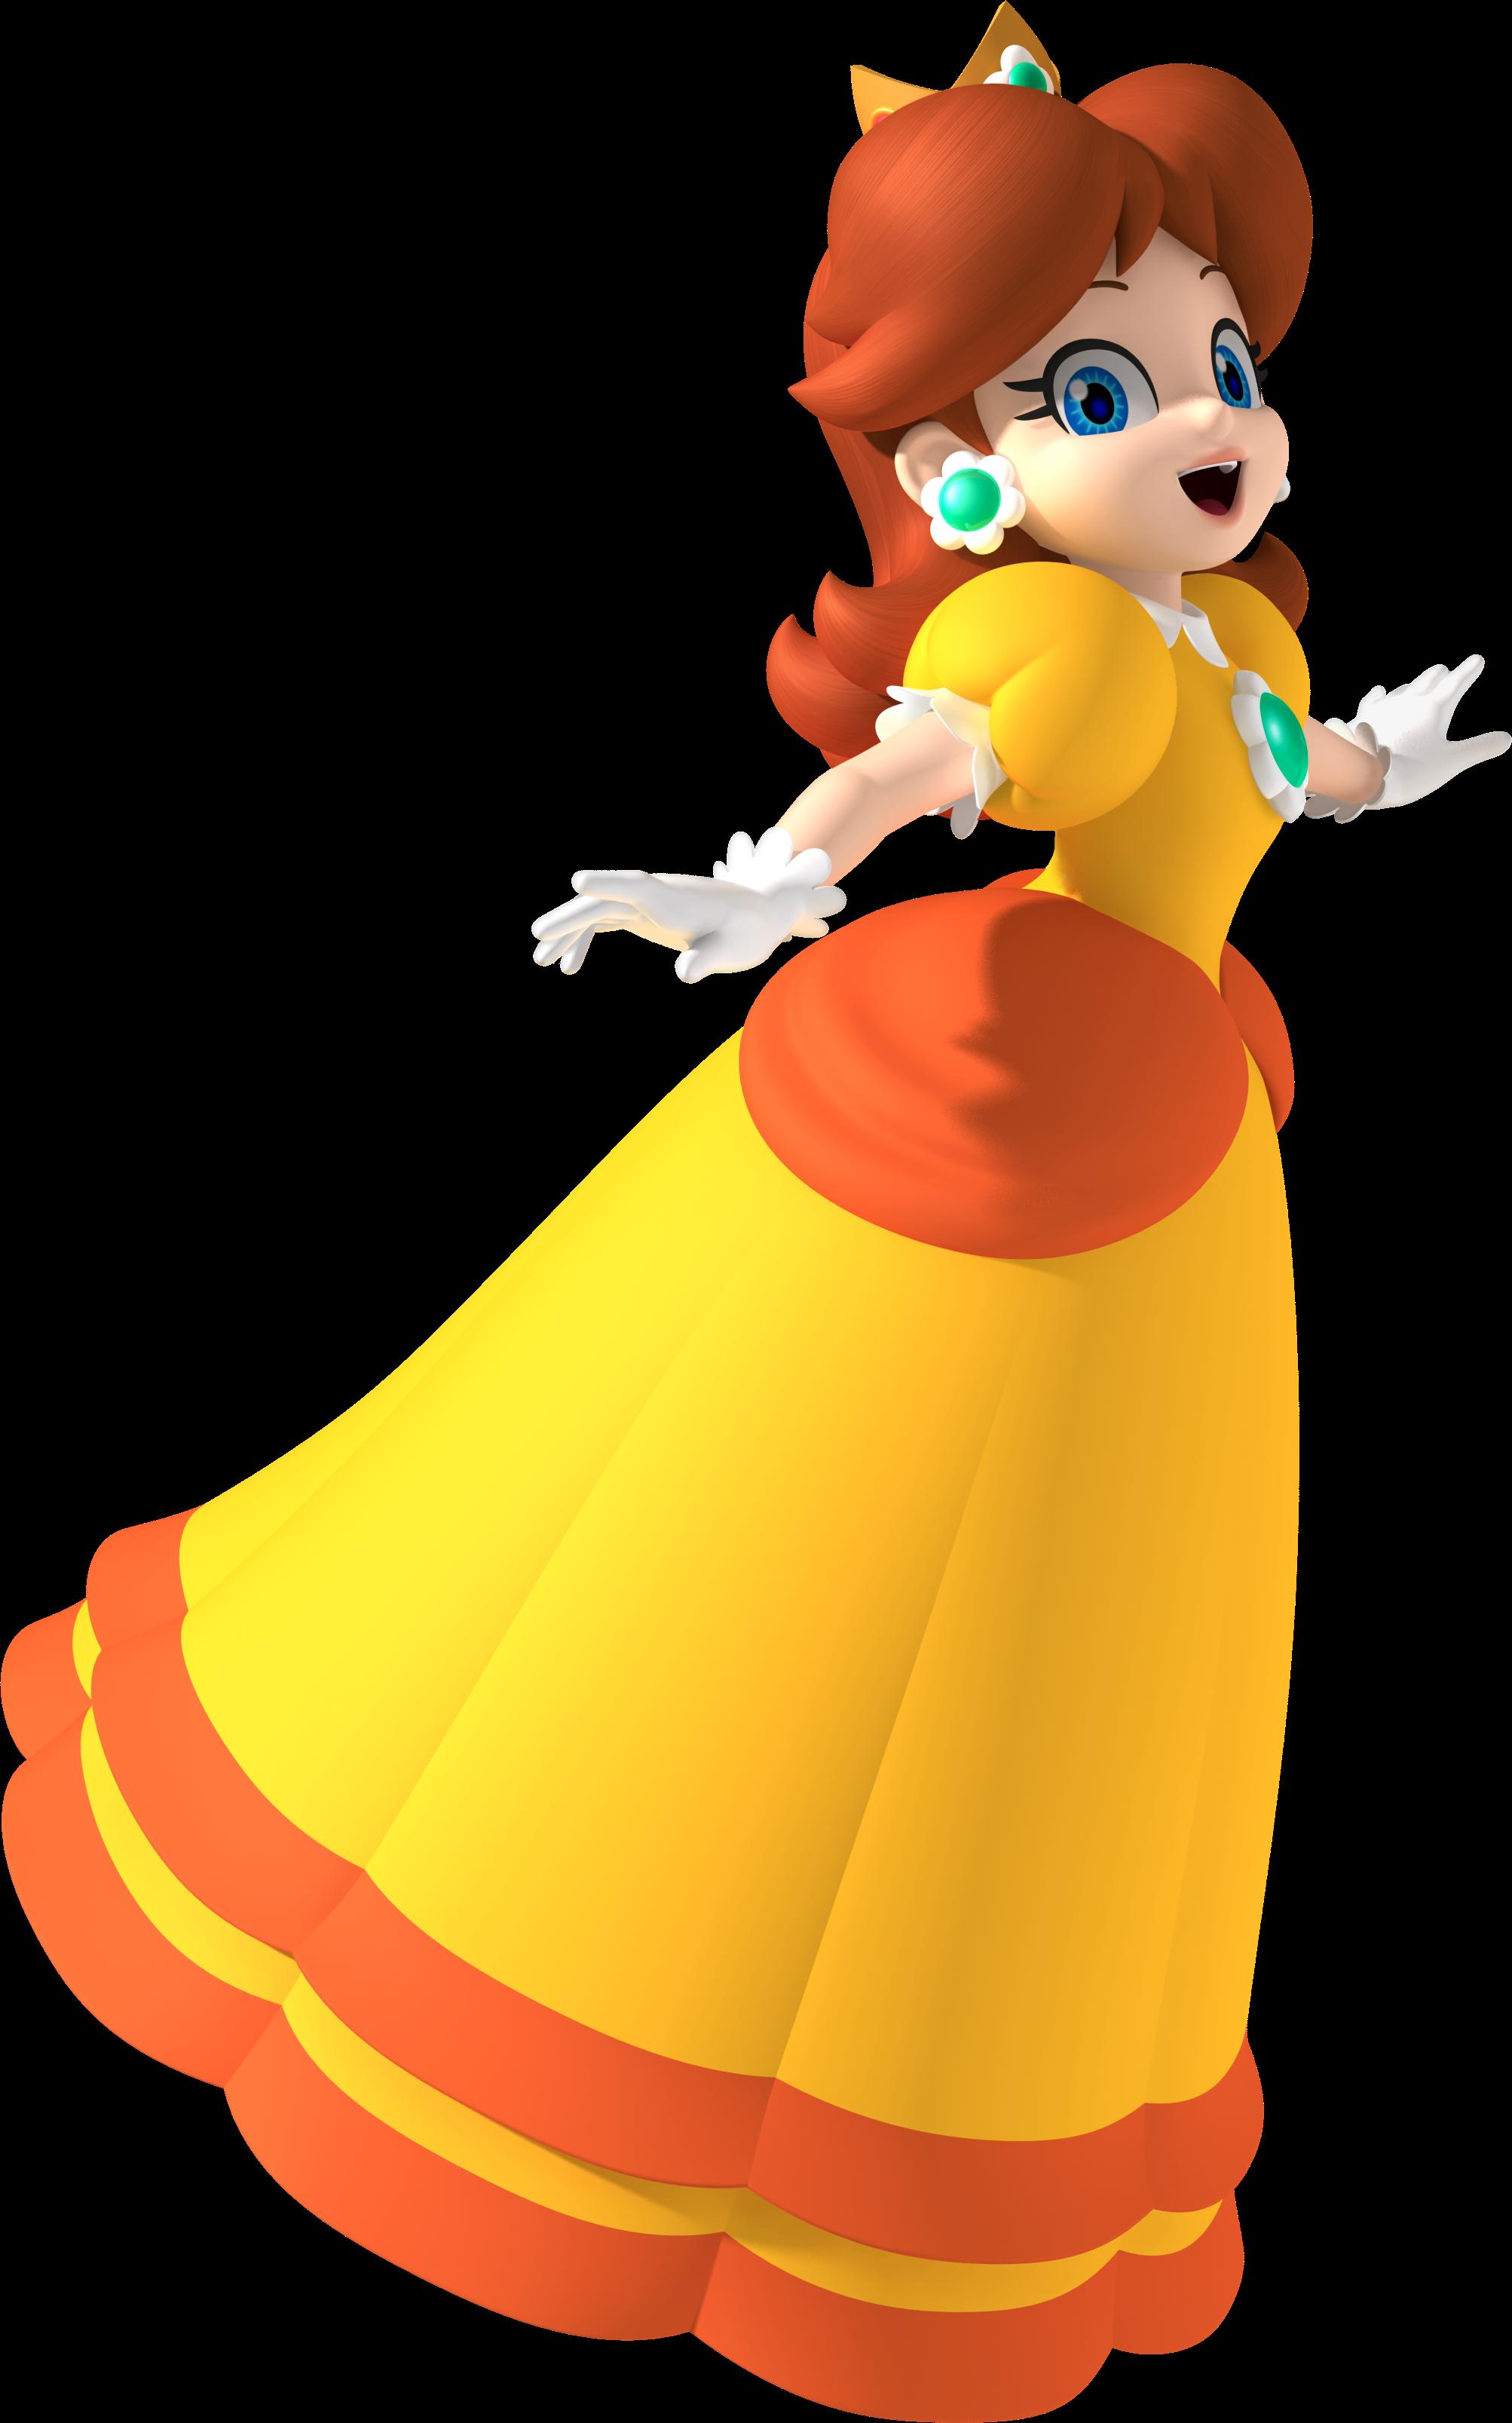 Princess daisy mariowiki the encyclopedia of everything - Princesse dans mario ...